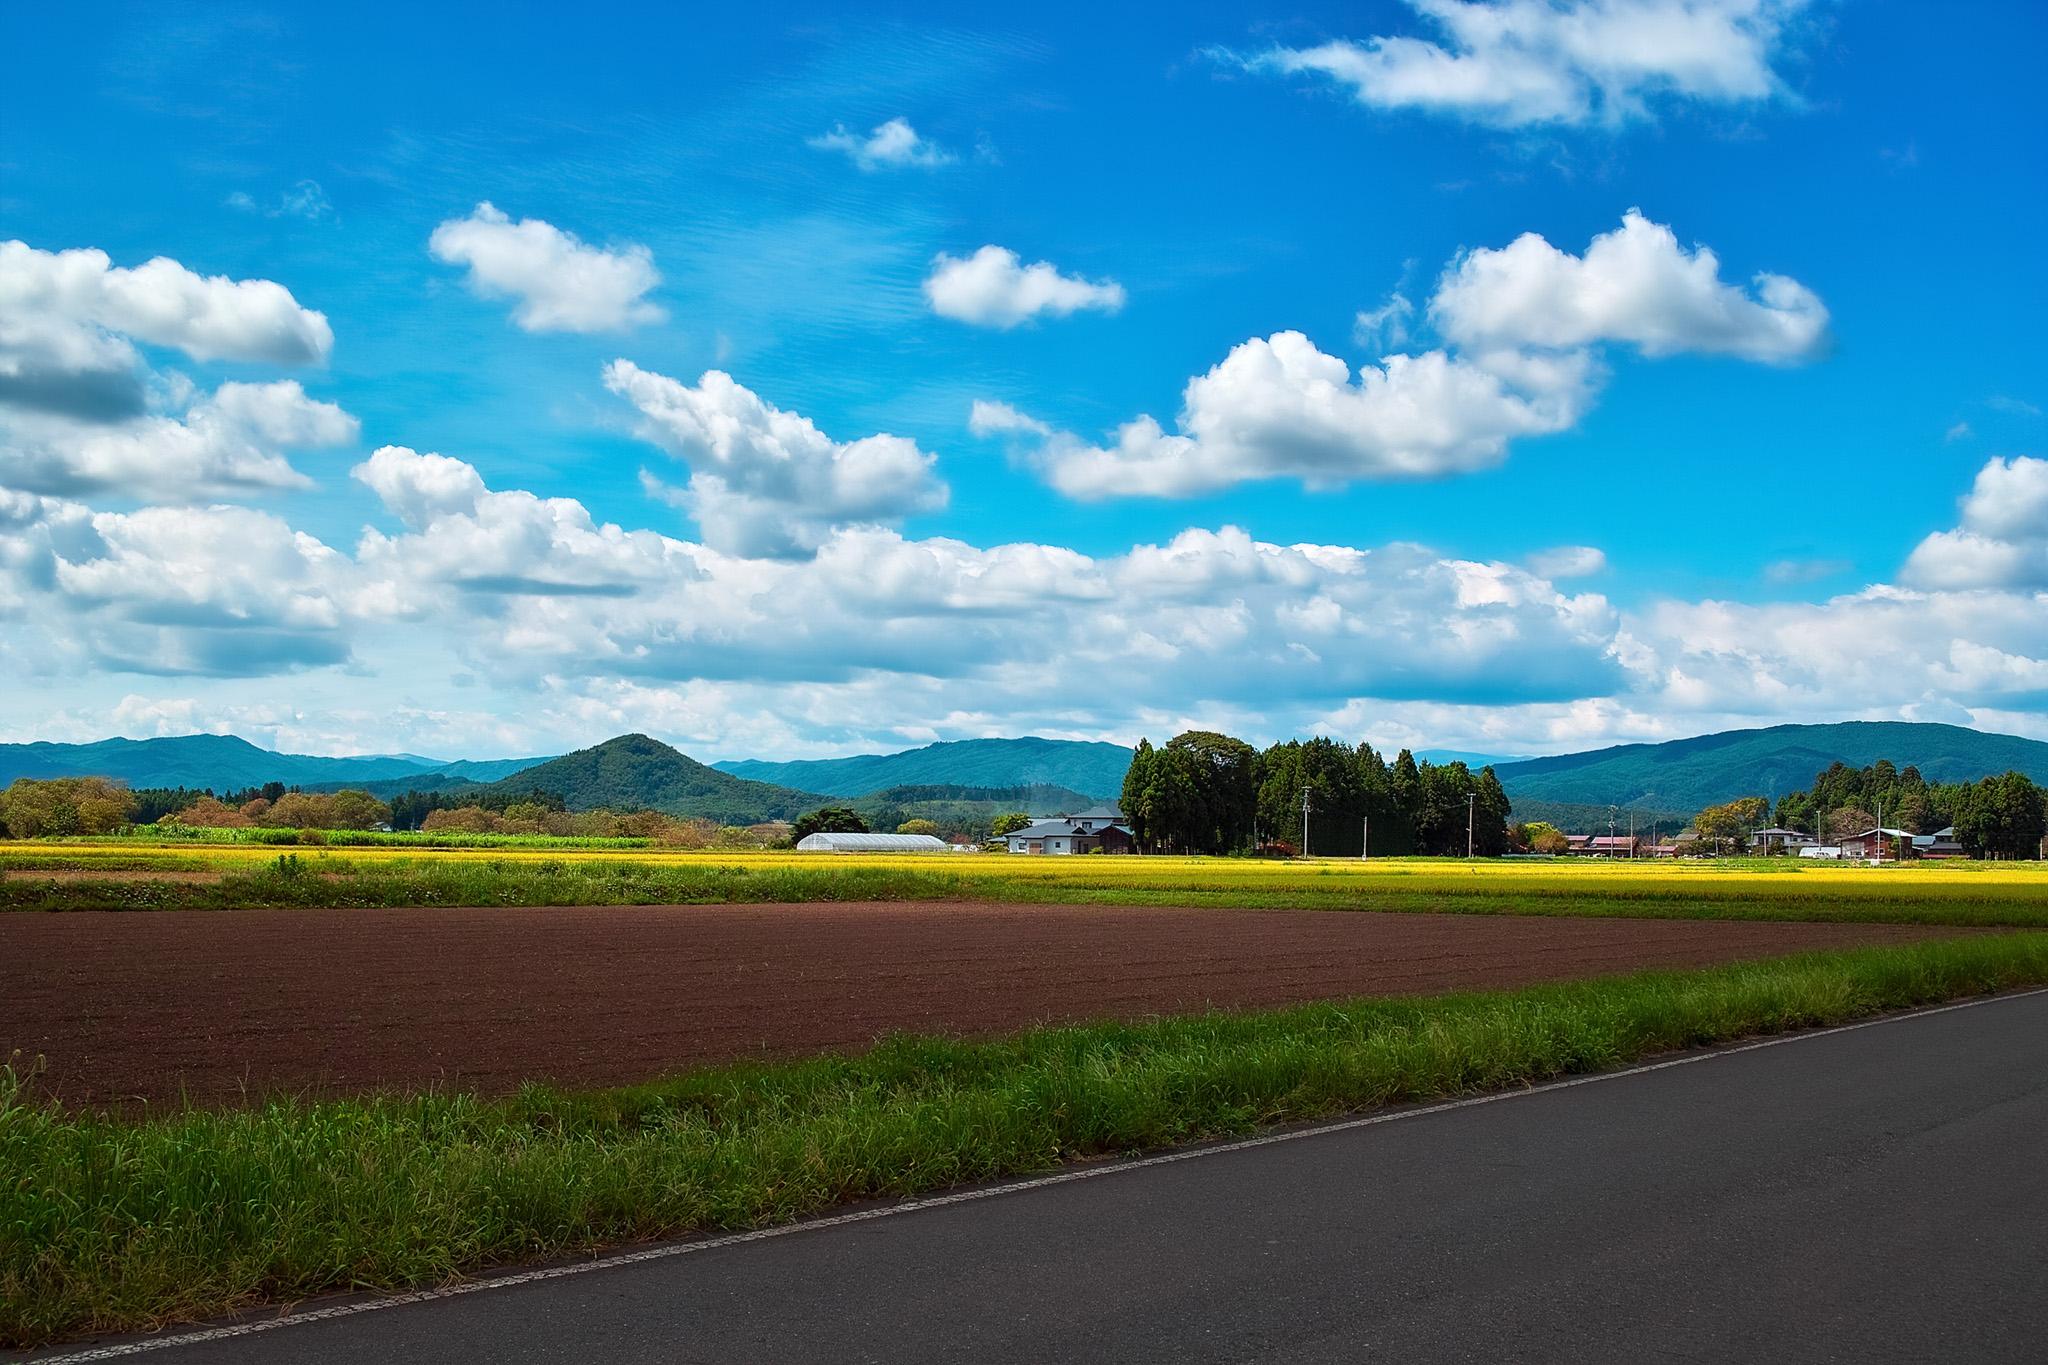 「道路沿いに田畑がある田舎の風景」